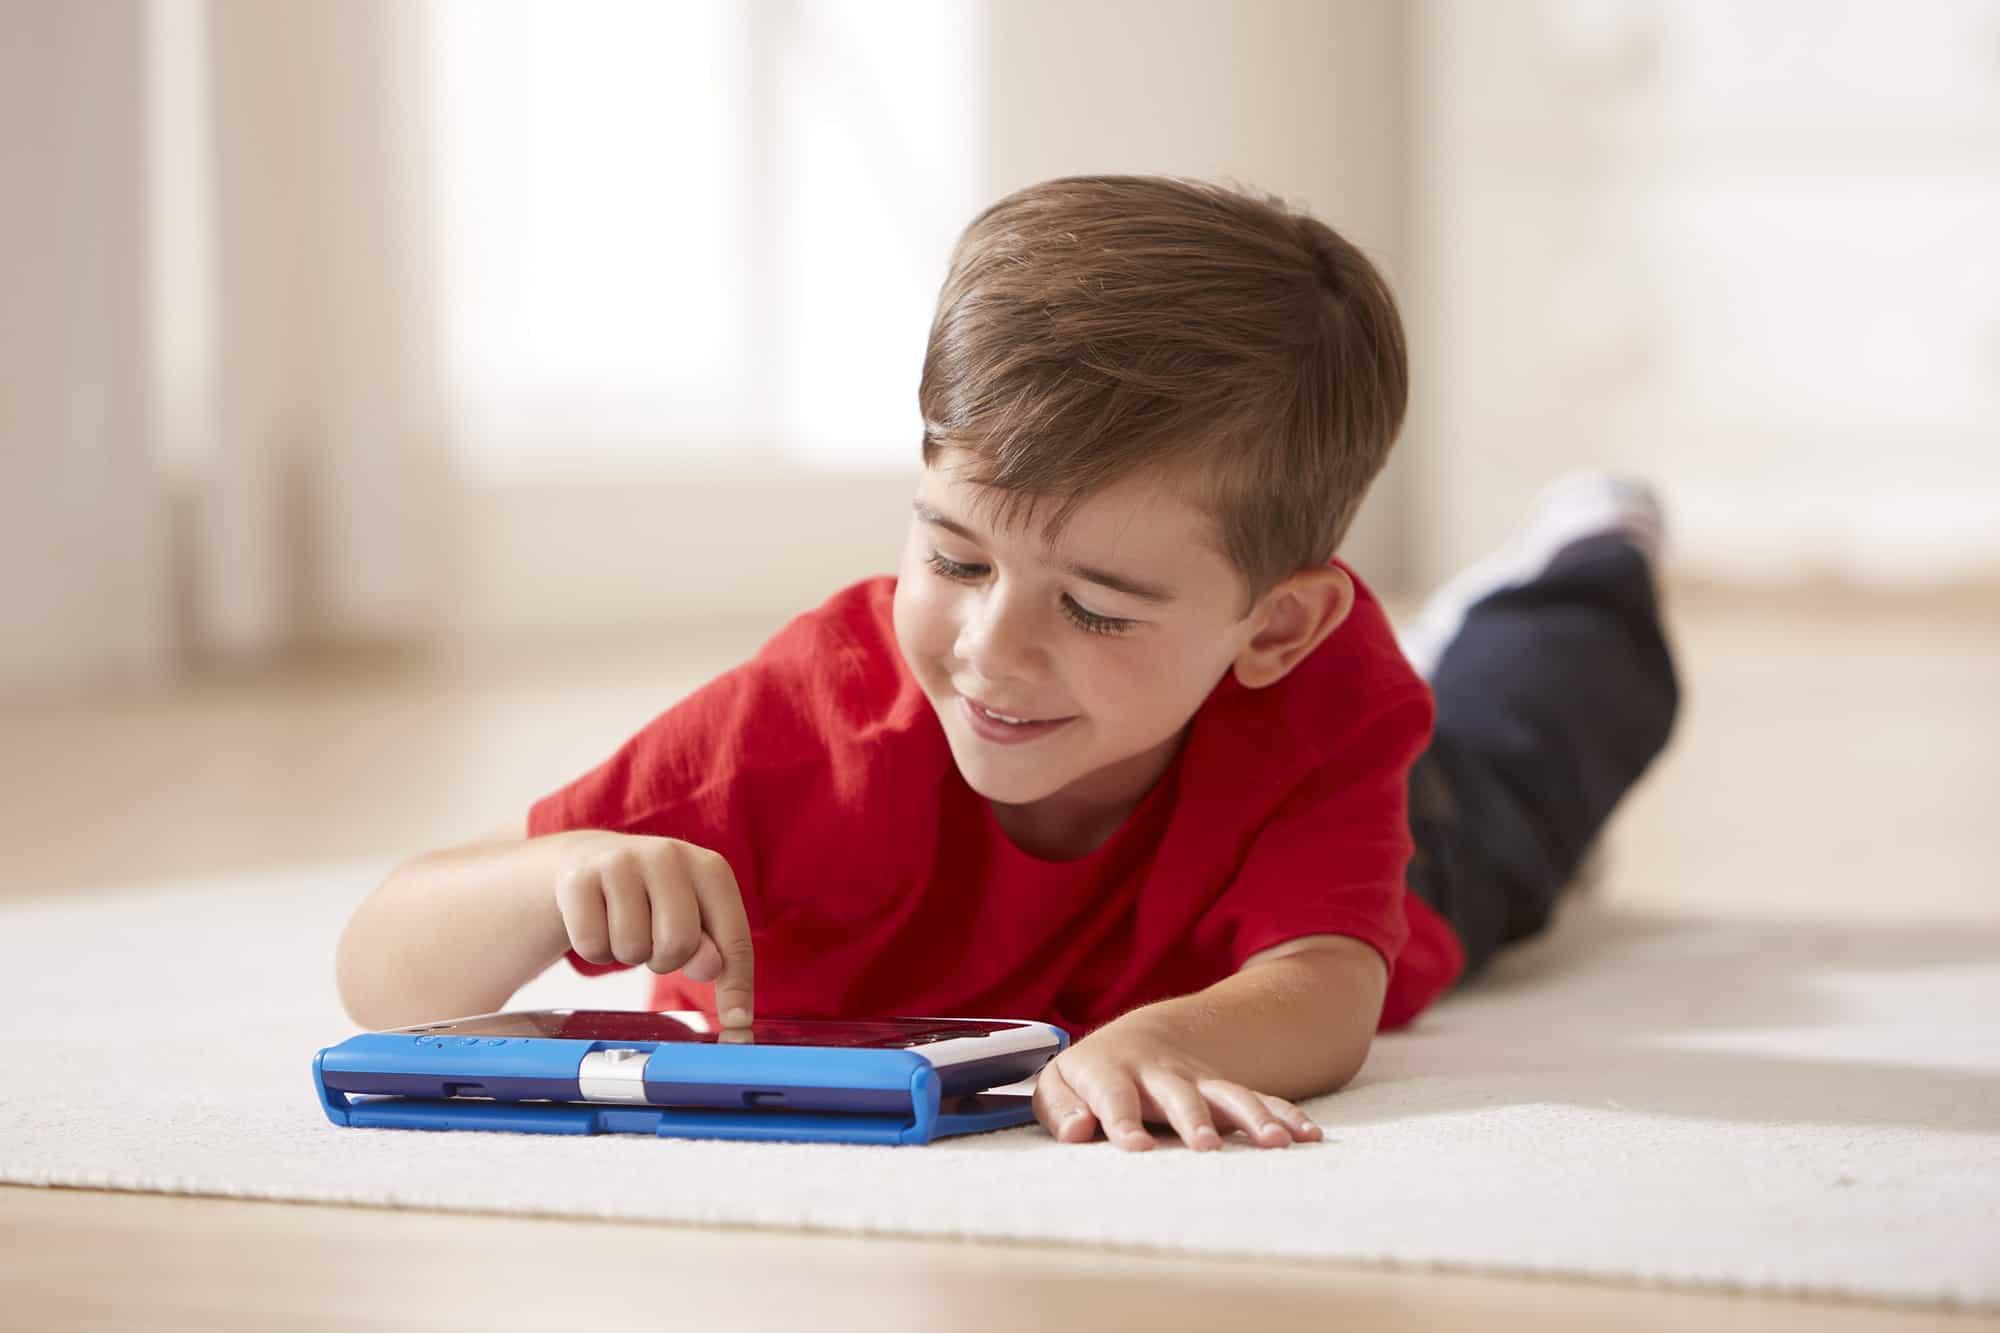 كيف أوسع مدارك طفلي في تعلم الحروف